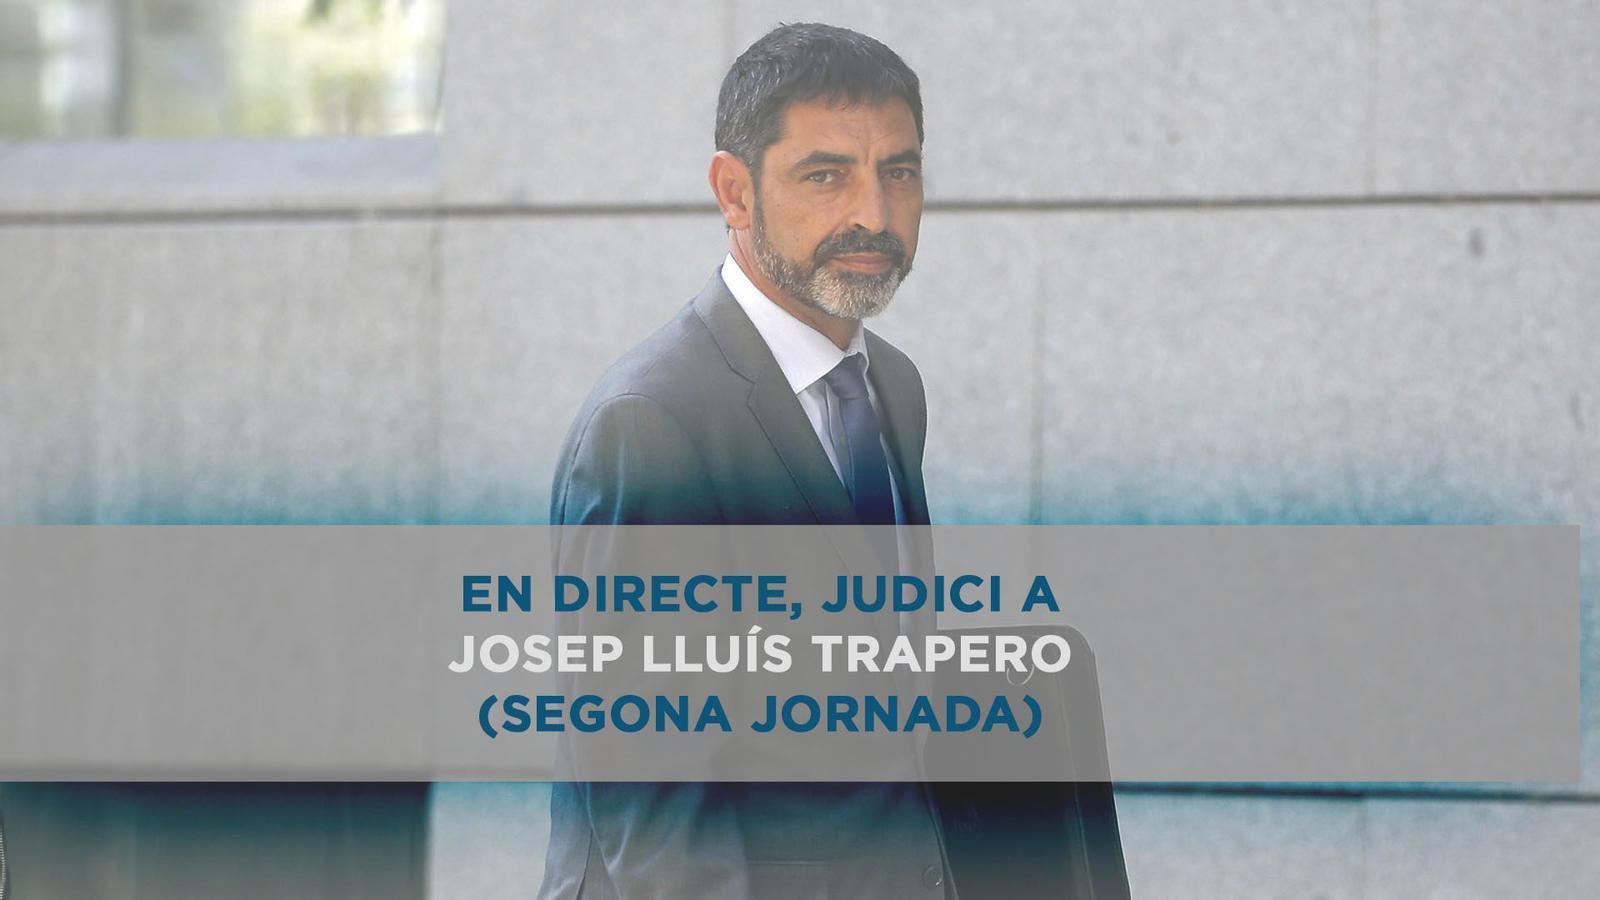 Judici a Trapero a l'Audiència Nacional (segona jornada)